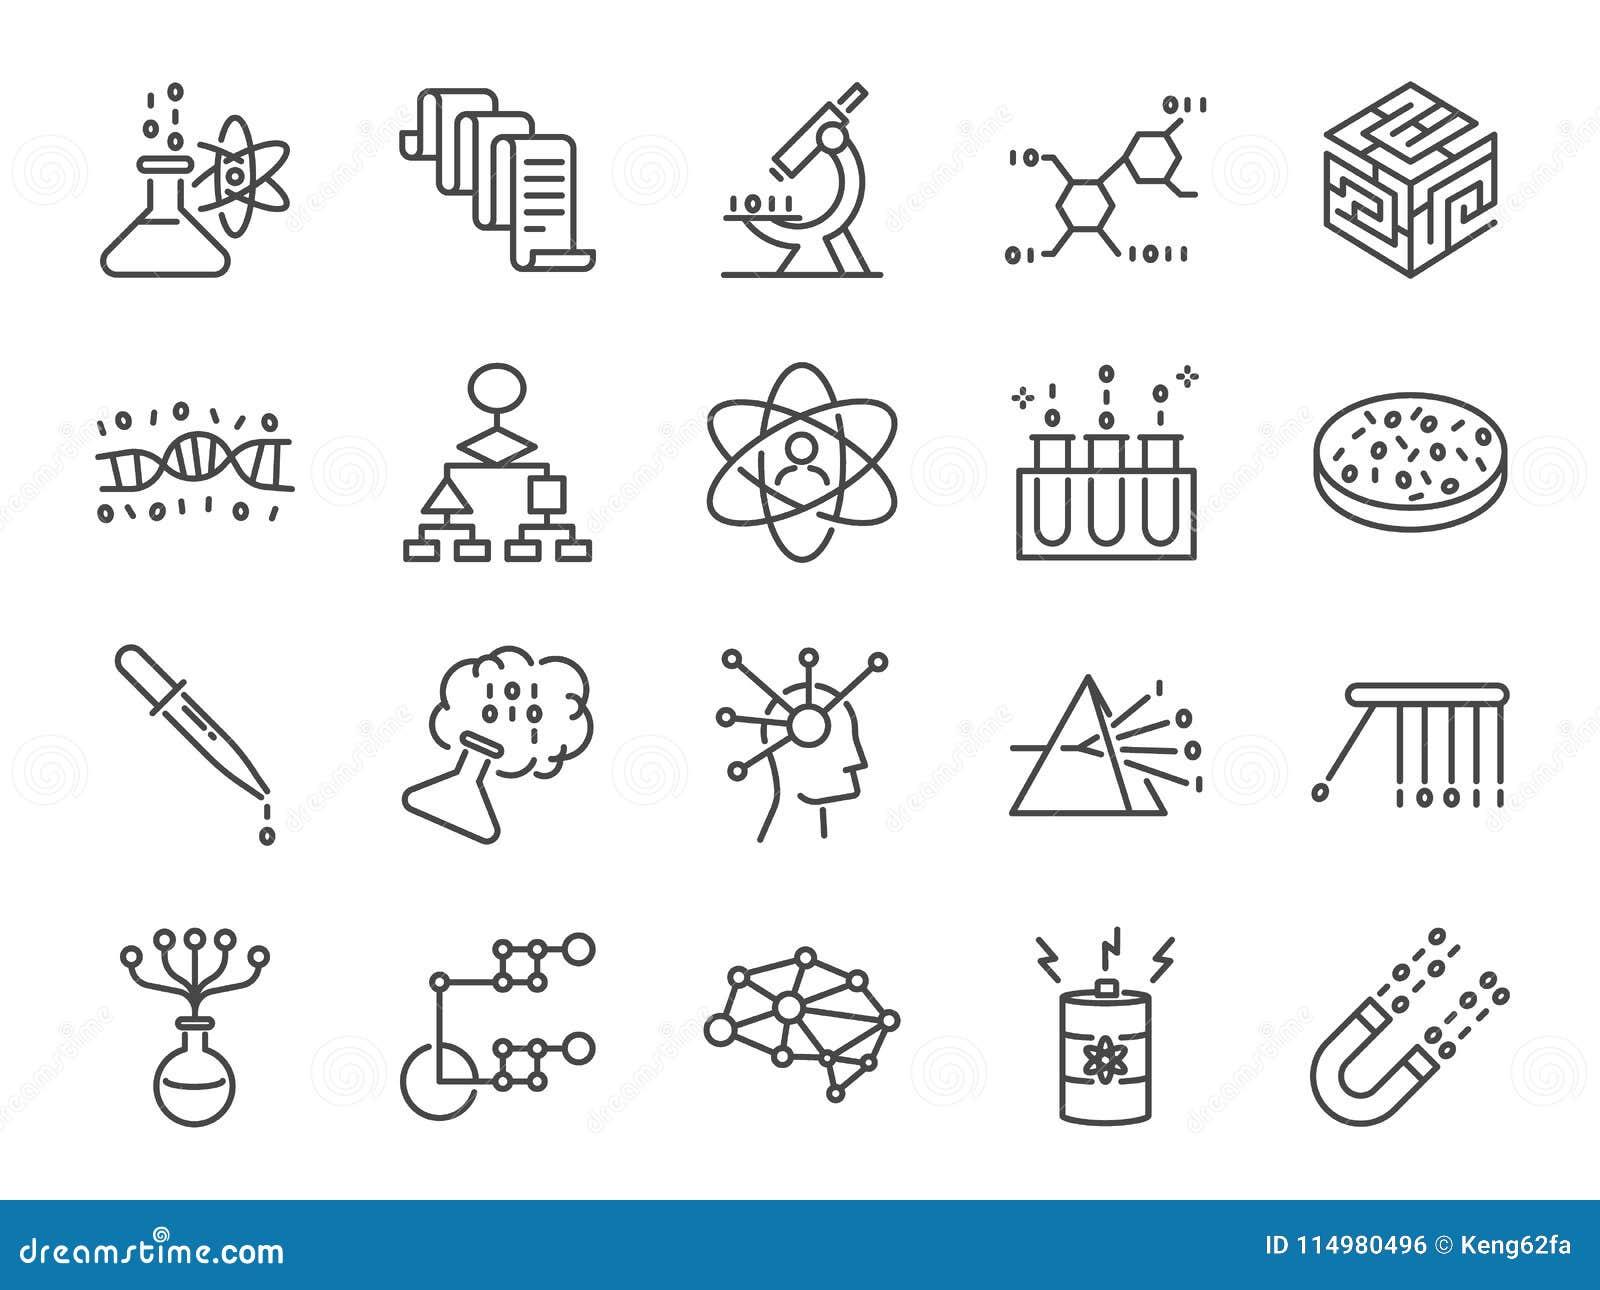 数据科学象集合 包括象,用户算法、大数据、做法、科学、测试、原始数据,被排序,解答和mo